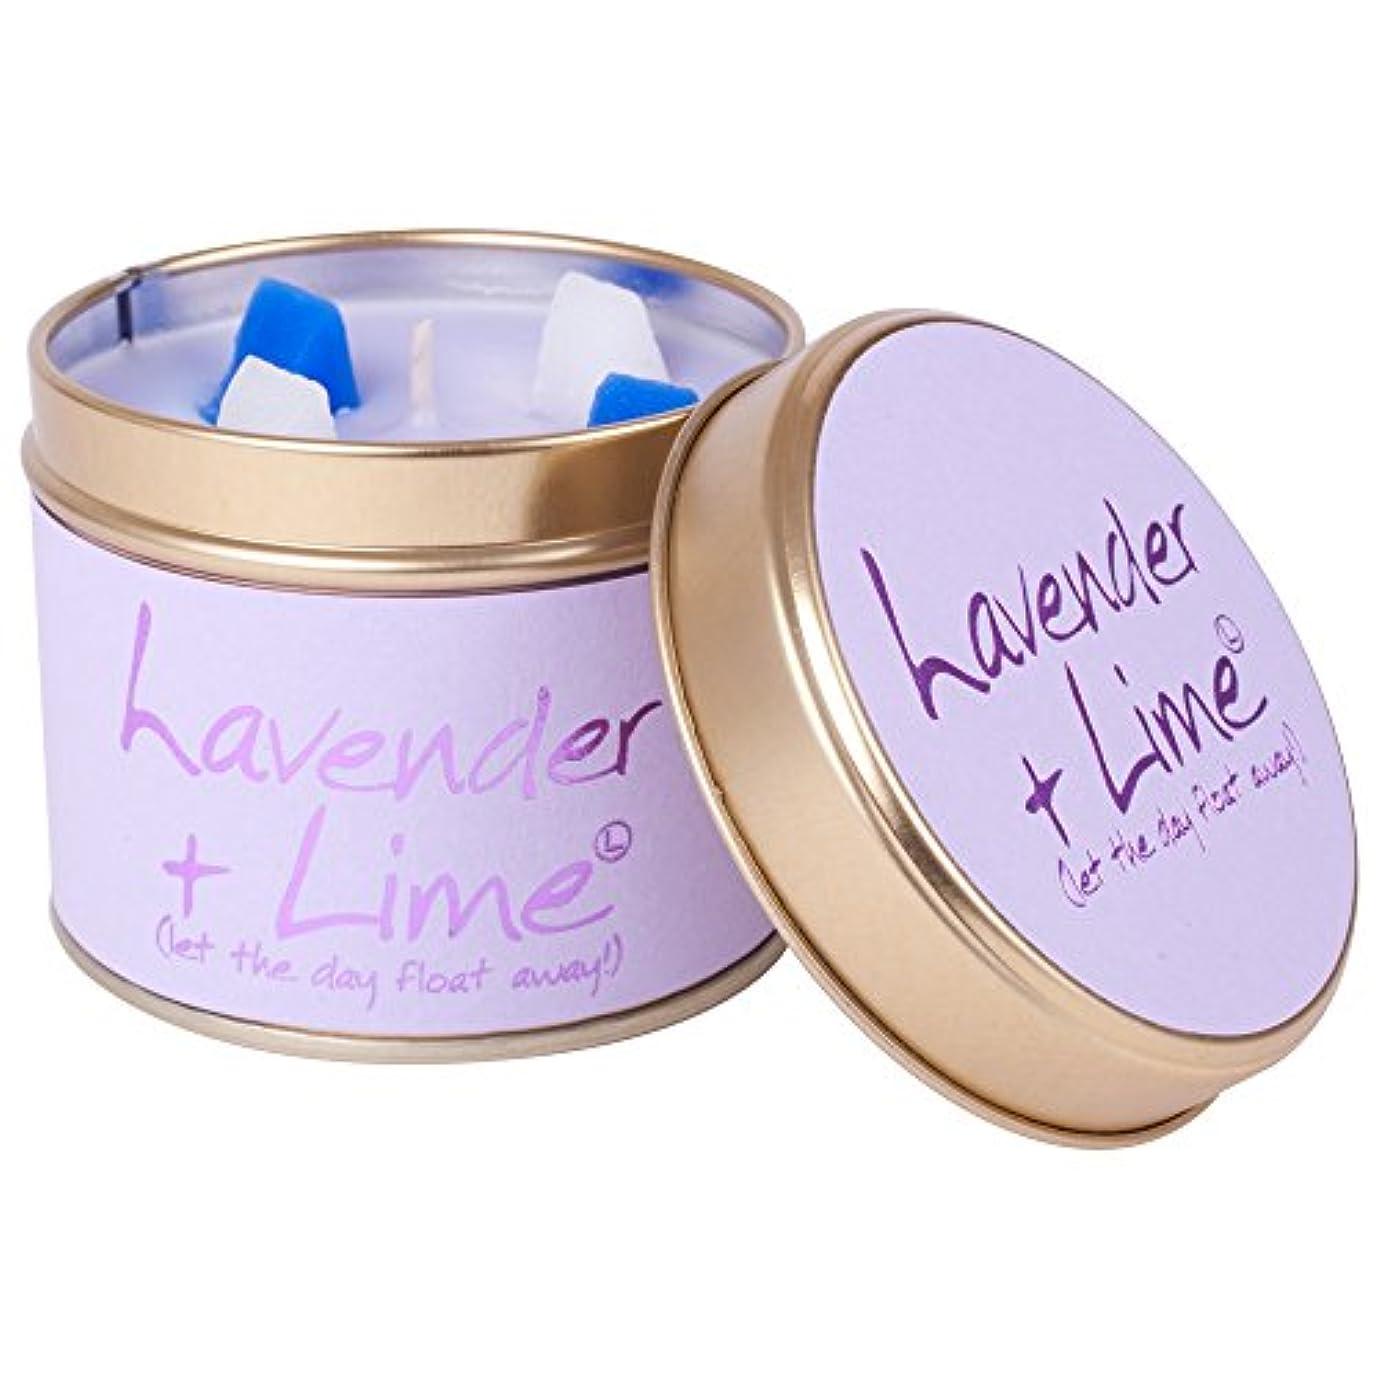 マカダム記念品処理するLily-Flame Lavender and Lime Scented Candle Tin (Pack of 6) - ユリ炎ラベンダー、ライムの香りのキャンドルスズ (Lily-Flame) (x6) [並行輸入品]